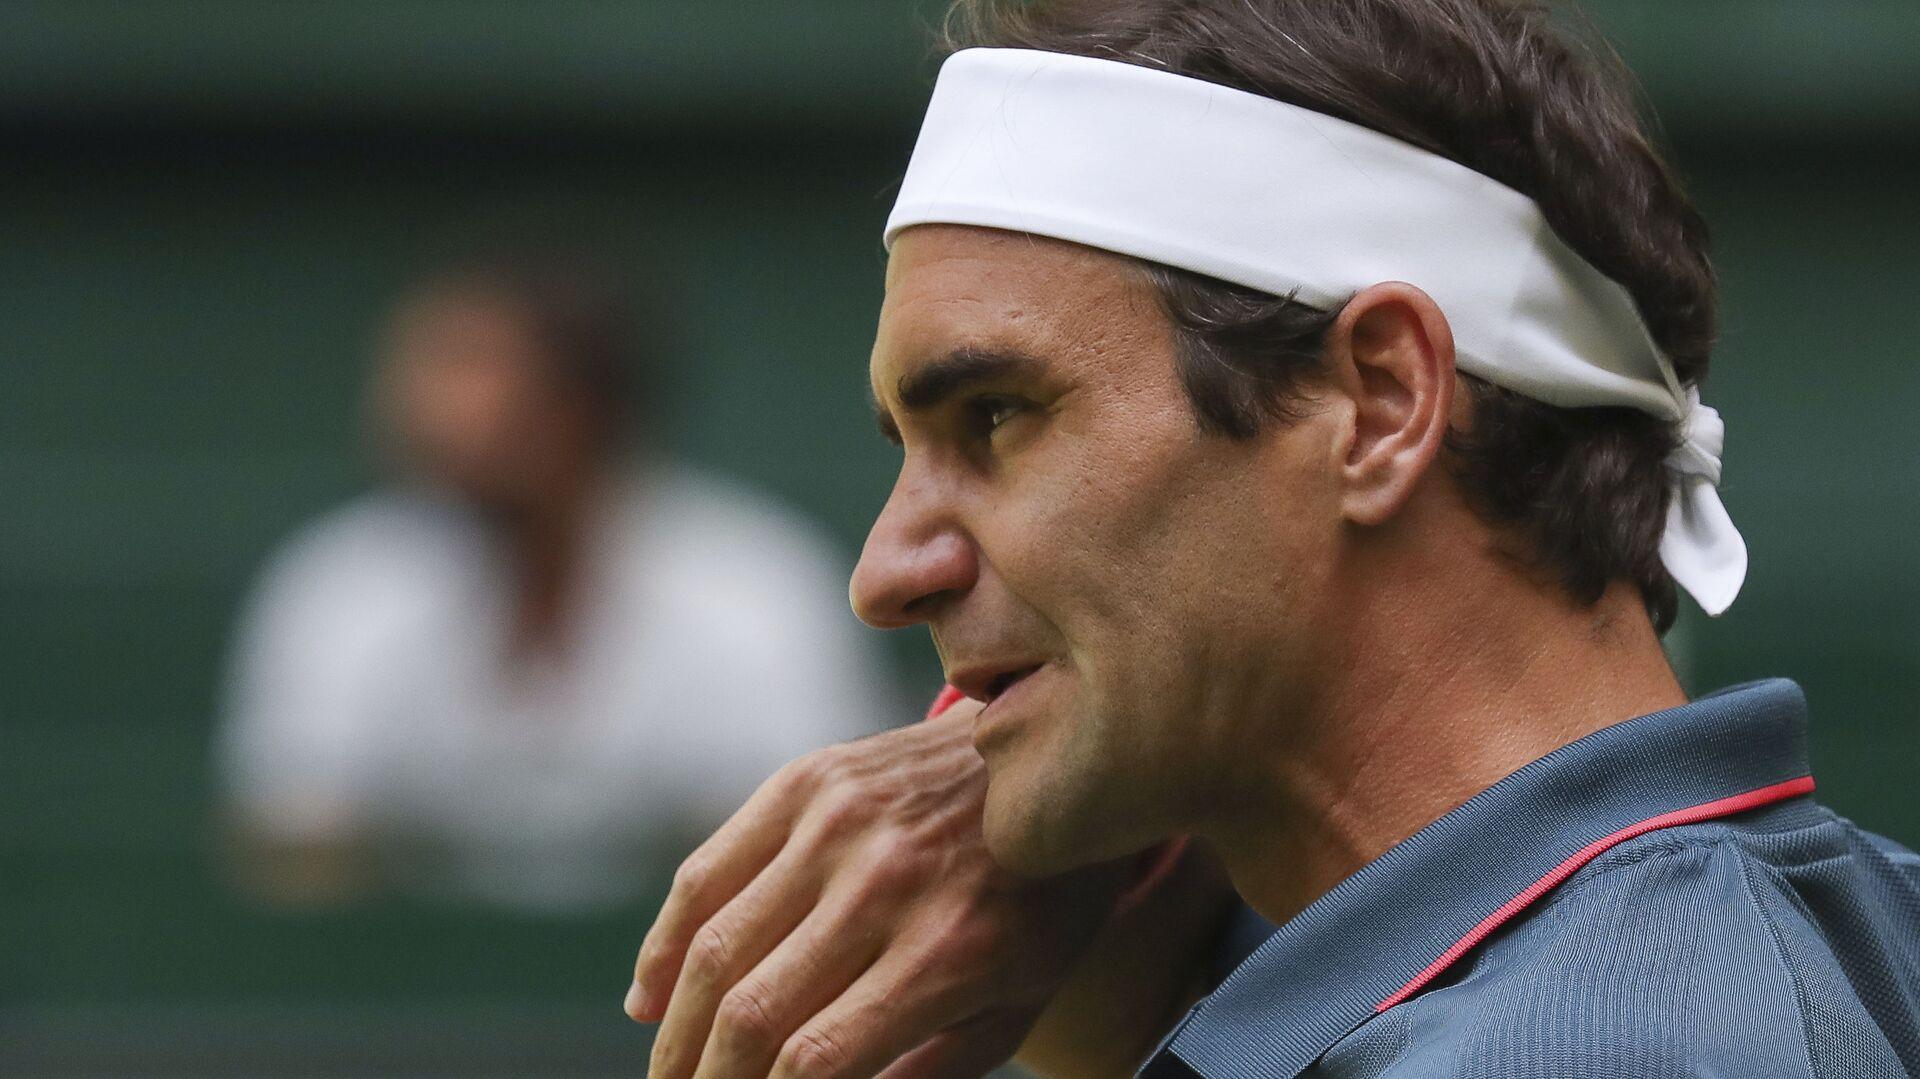 Роџер Федерер током турнира у Халеу - Sputnik Србија, 1920, 17.06.2021